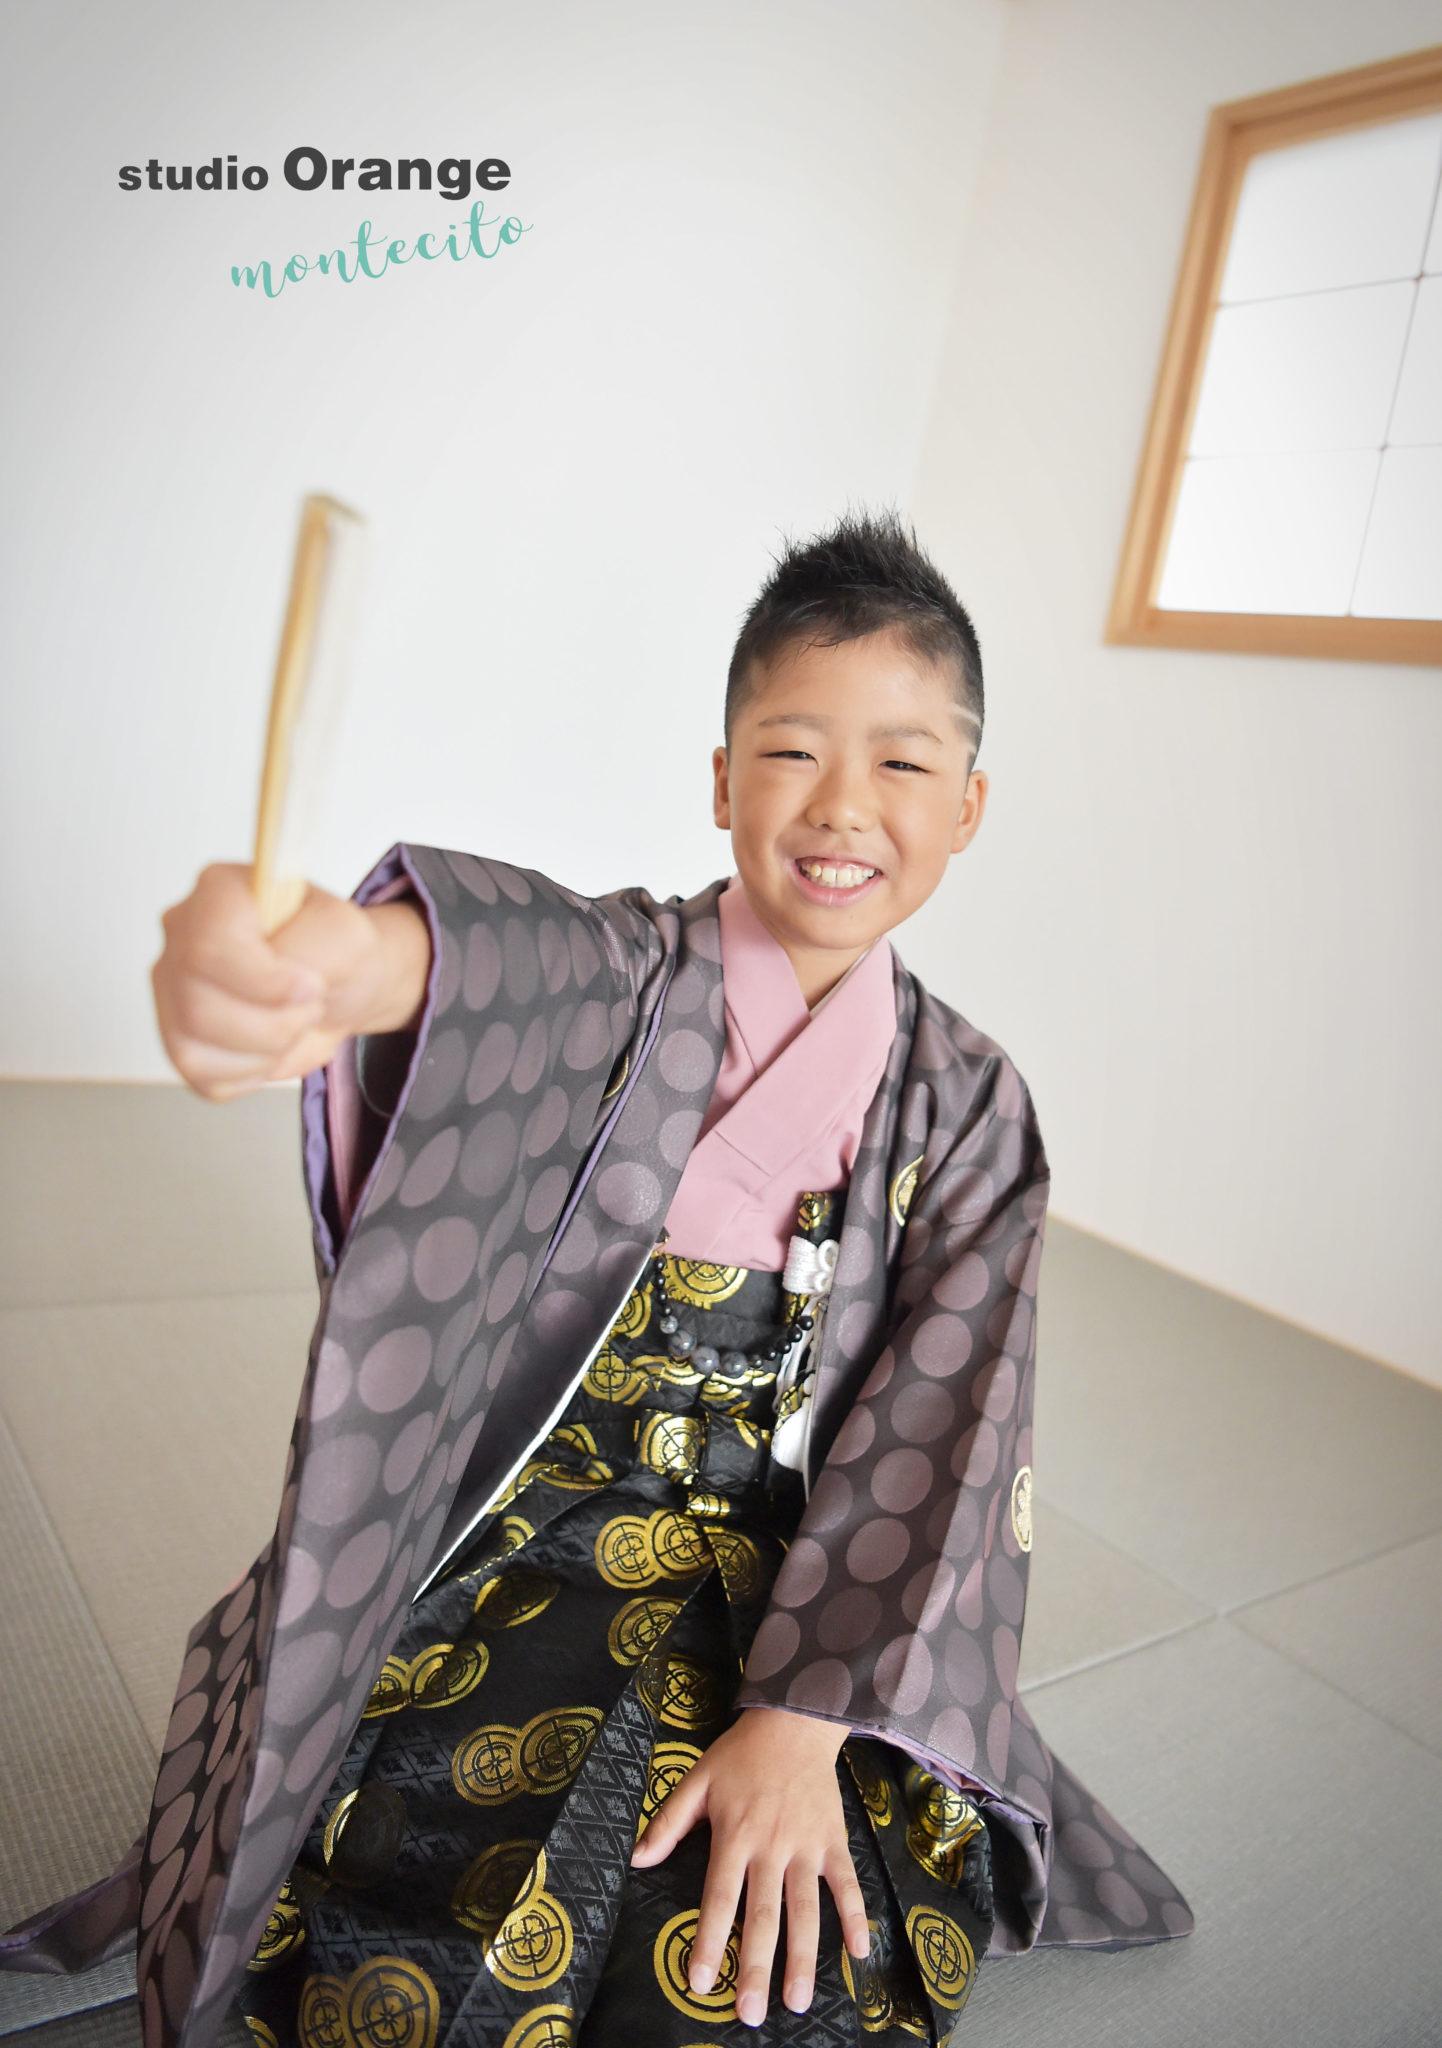 宝塚市 ハーフ成人式